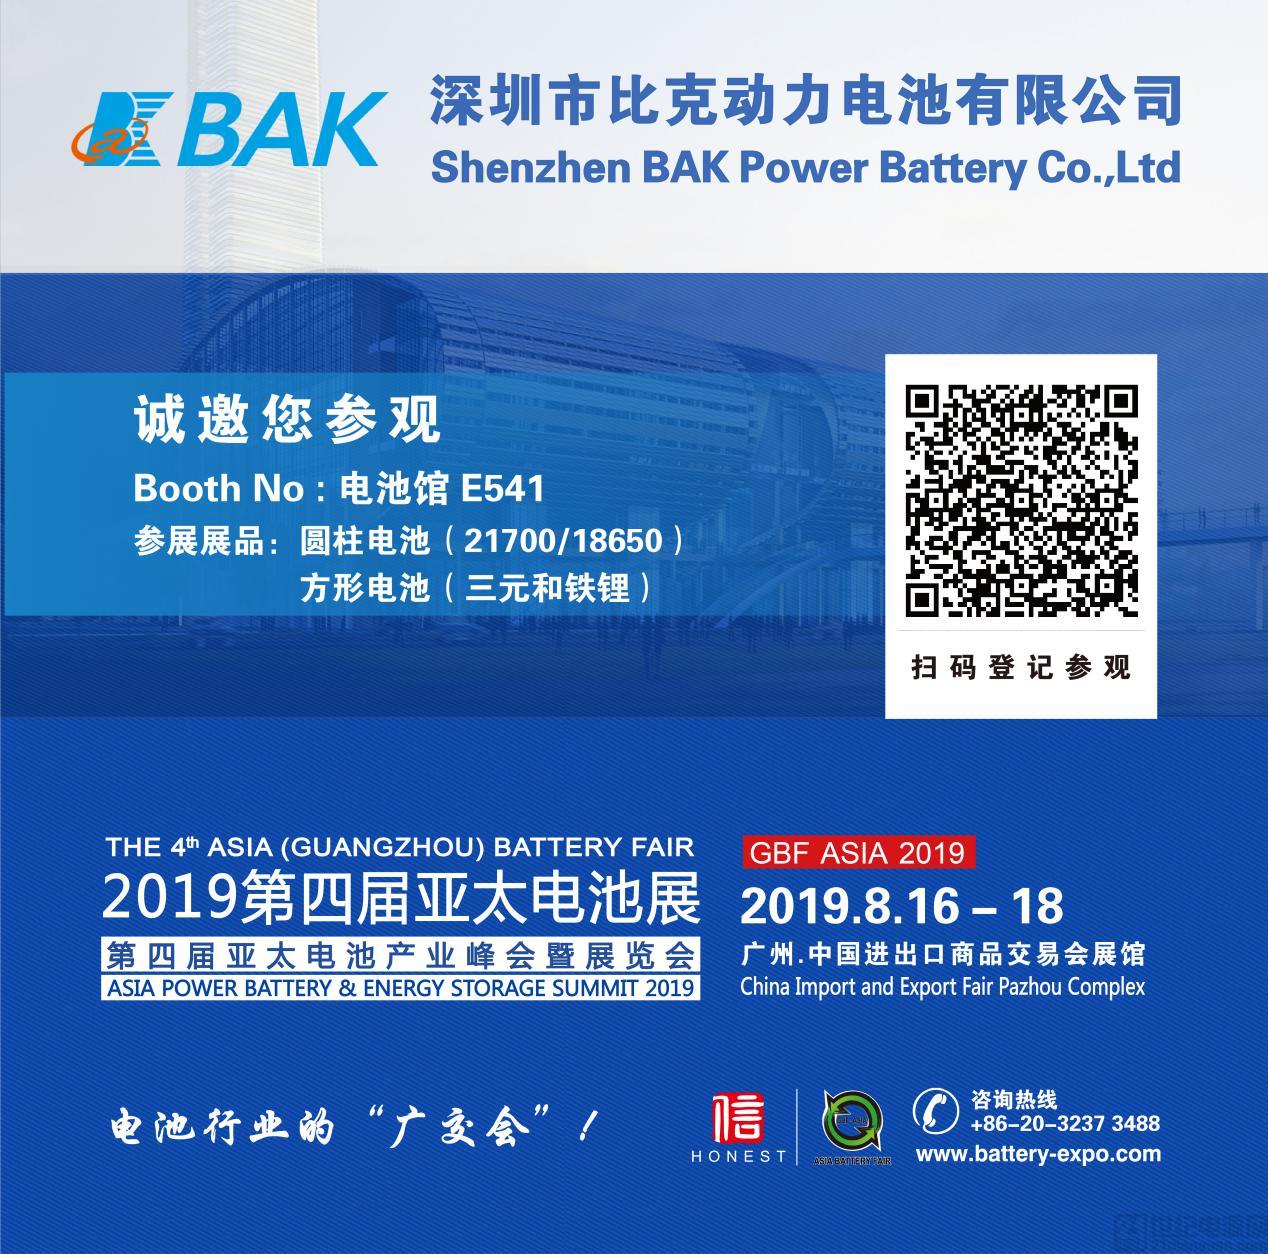 比克电池将亮相亚太电池展,全线产品拓展海外市场